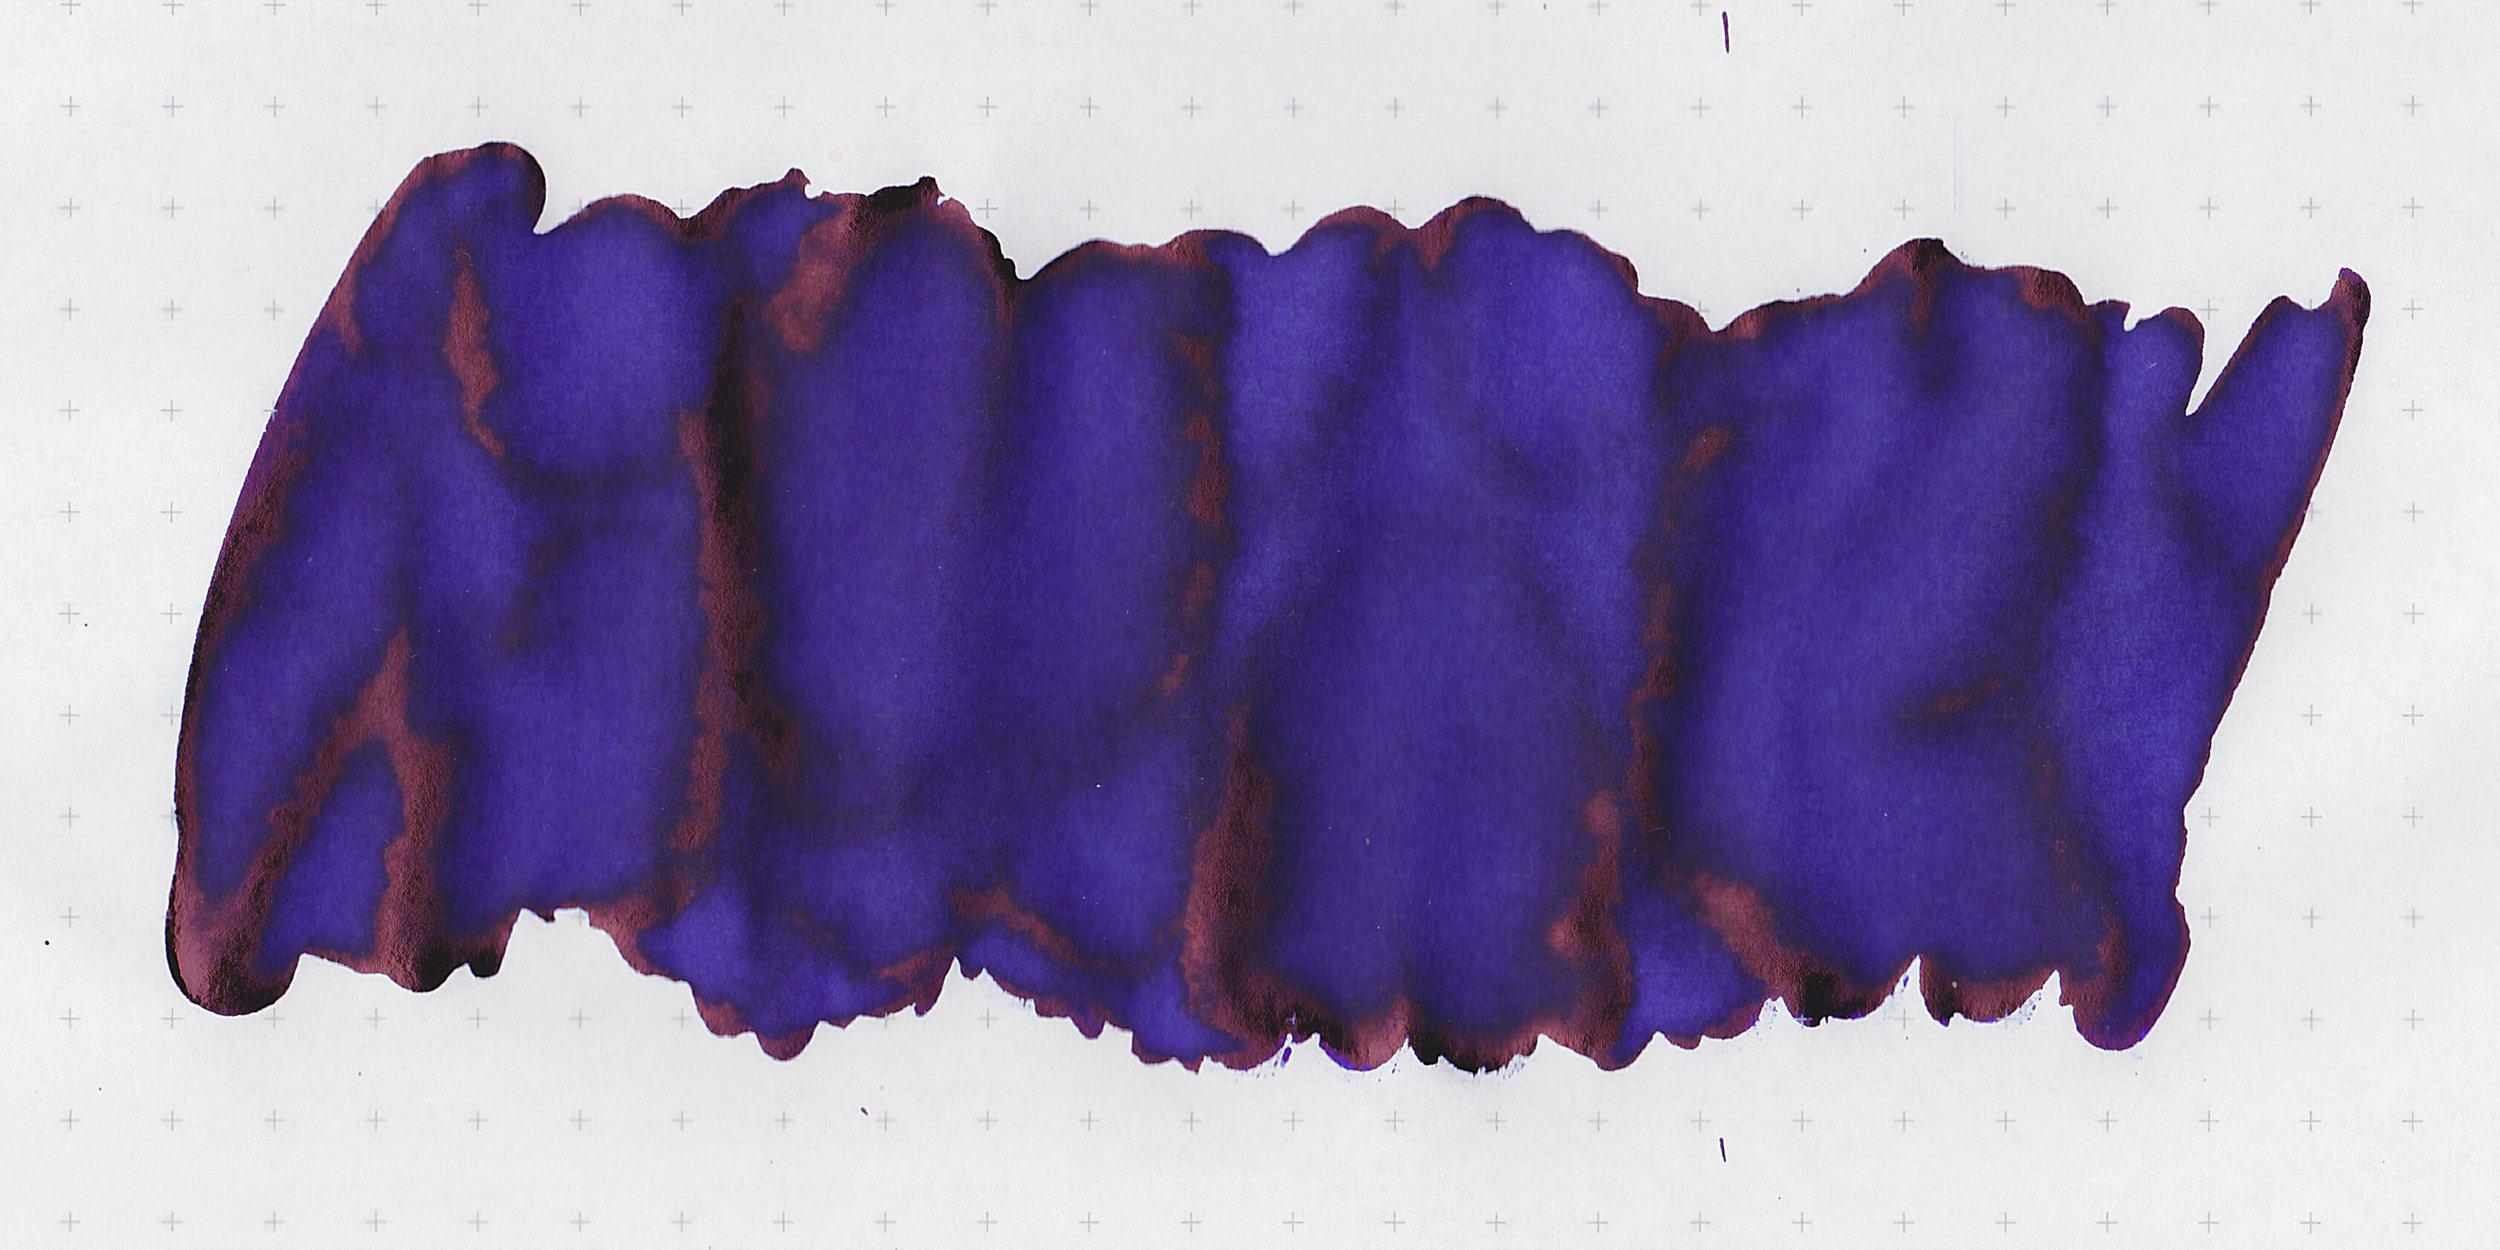 cv-quasar-11.jpg